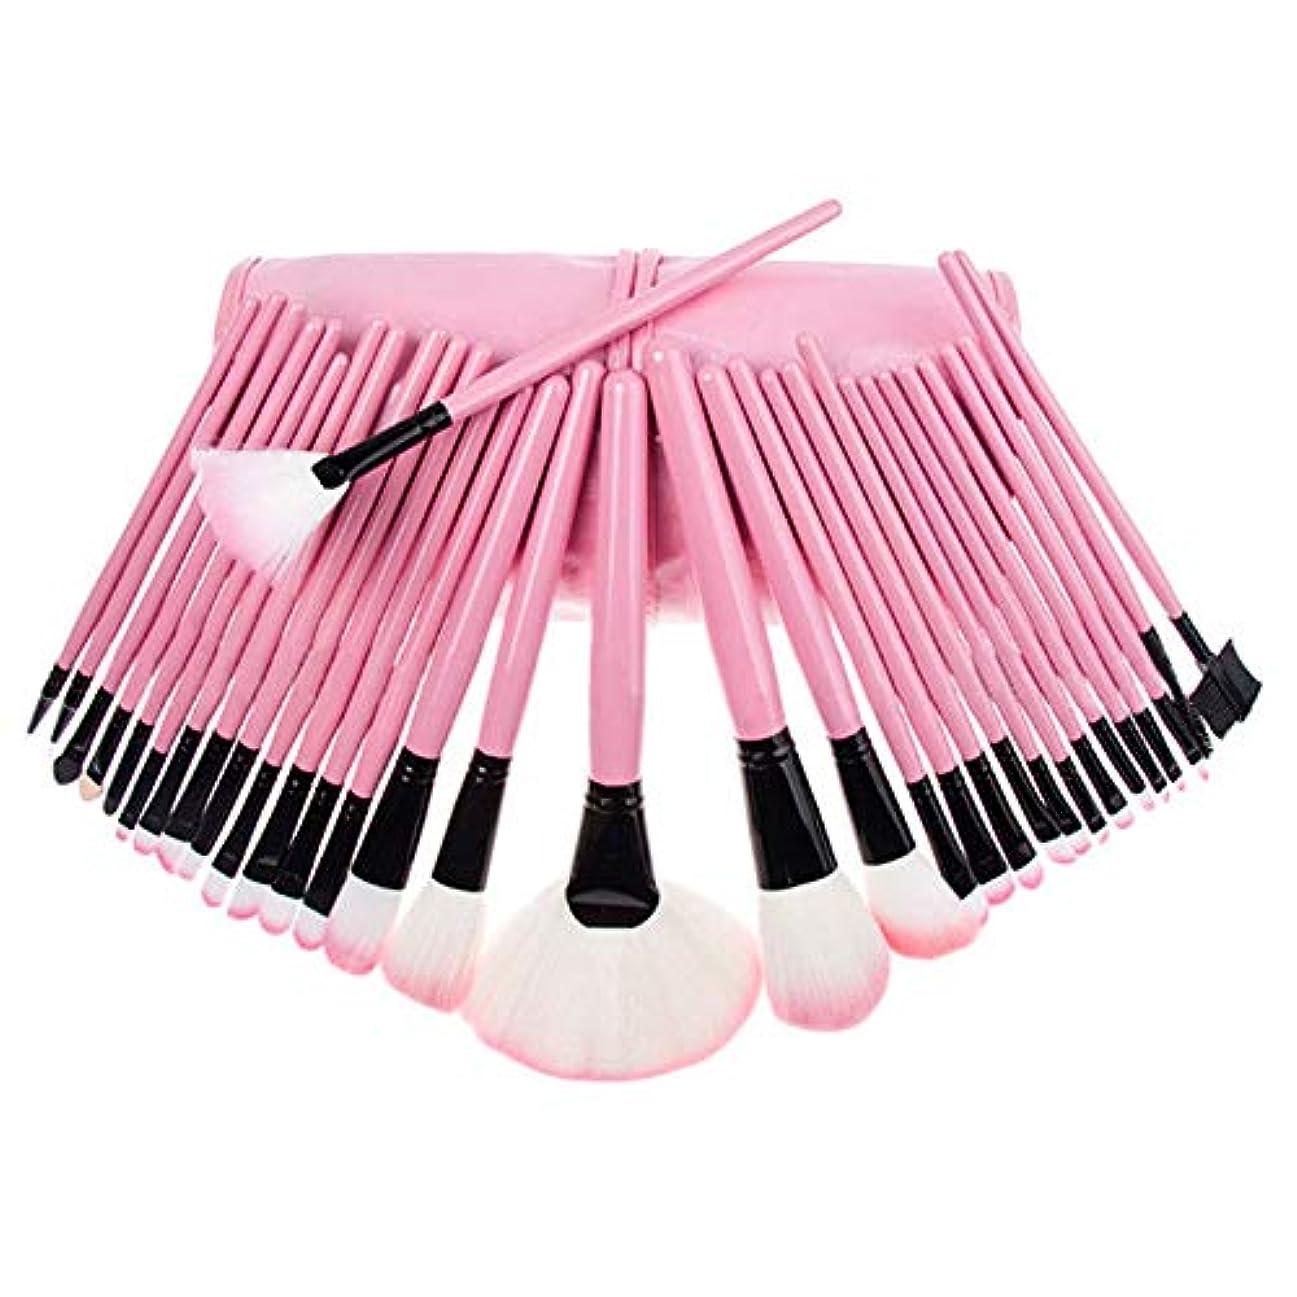 リール教えて勘違いする[RADISSY] メイクブラシ 化粧 筆 フェイスブラシ 大容量 32本 セット ケース 付き (ピンク)